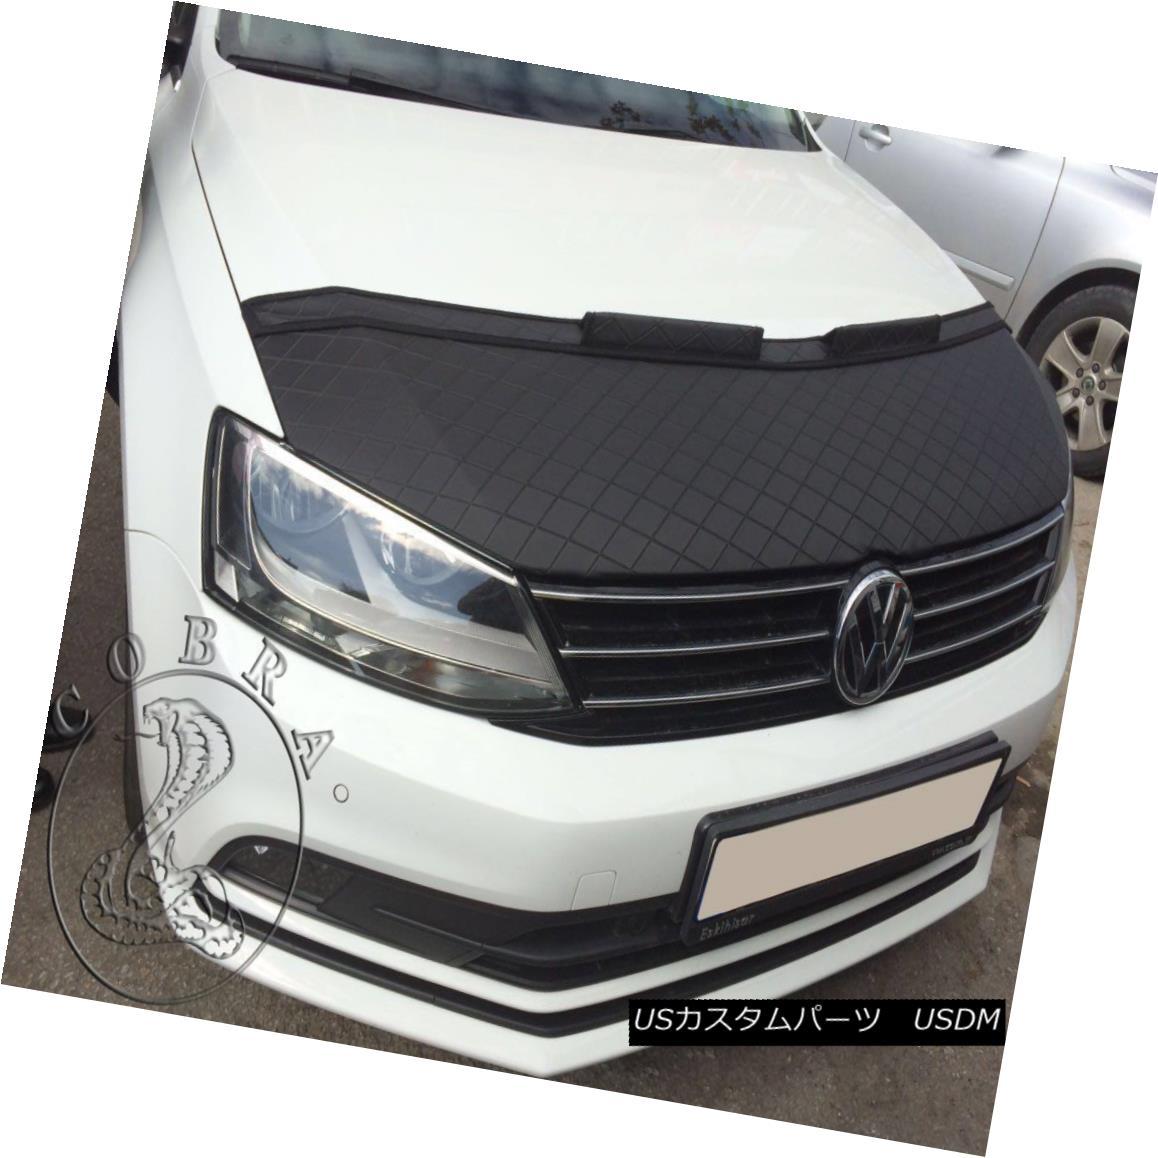 フルブラ ノーズブラ Car Hood Bra in DIAMOND Fits VW Volkswagen Jetta MK6 2011 12 13 14 15 16 17 18 DIAMONDのカーフードブラはVWに適合フォルクスワーゲンJetta MK6 2011 12 13 14 15 16 17 18